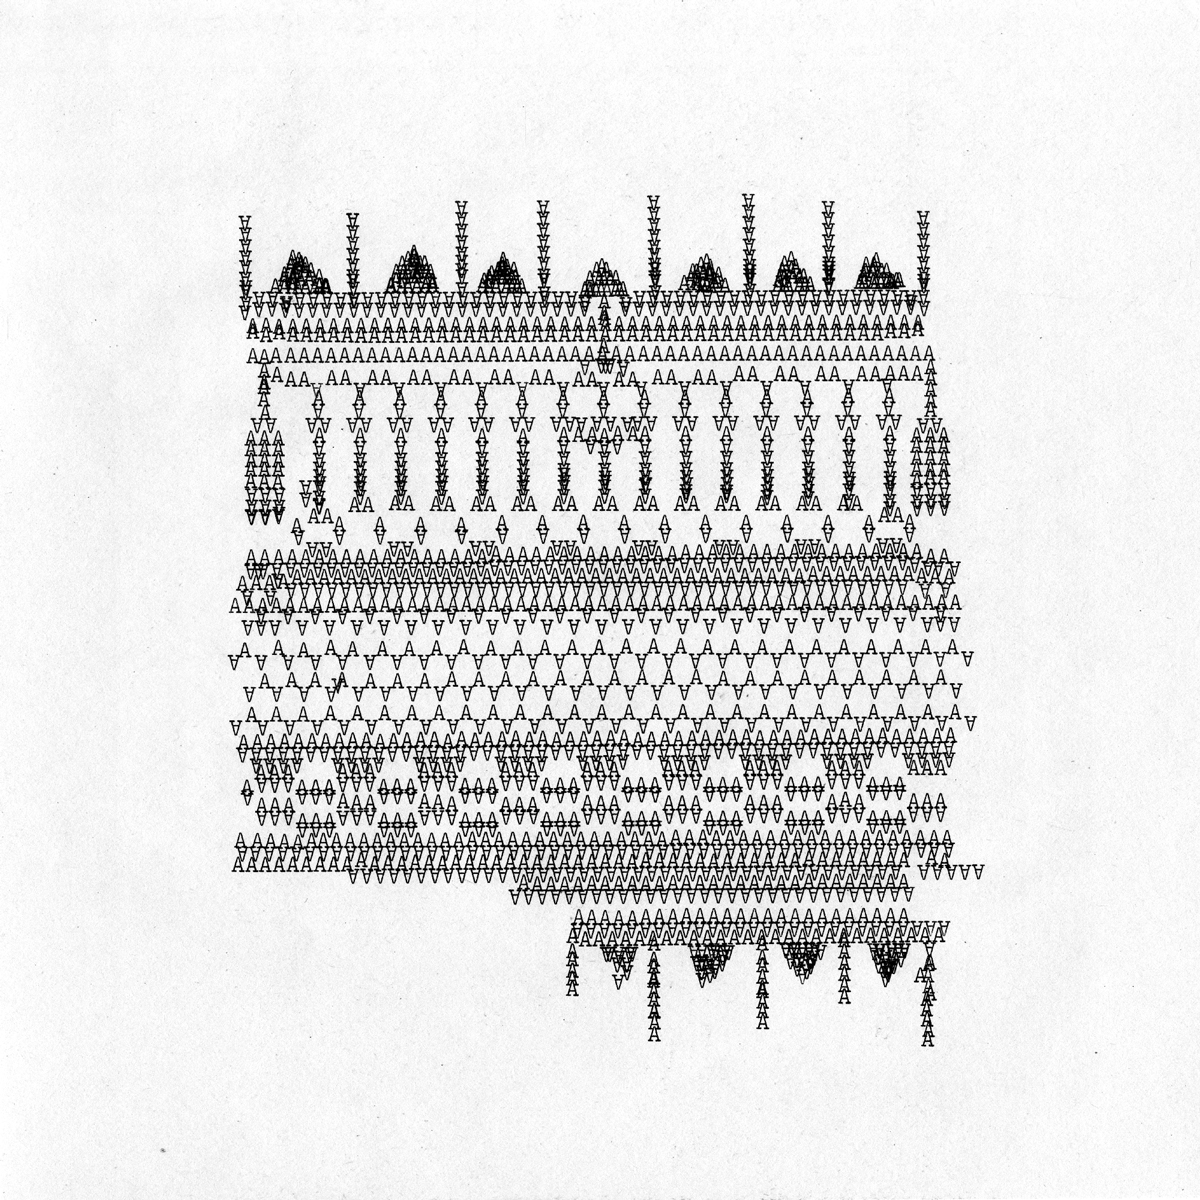 drawings typed on Smith Corona Coronet-Super-12